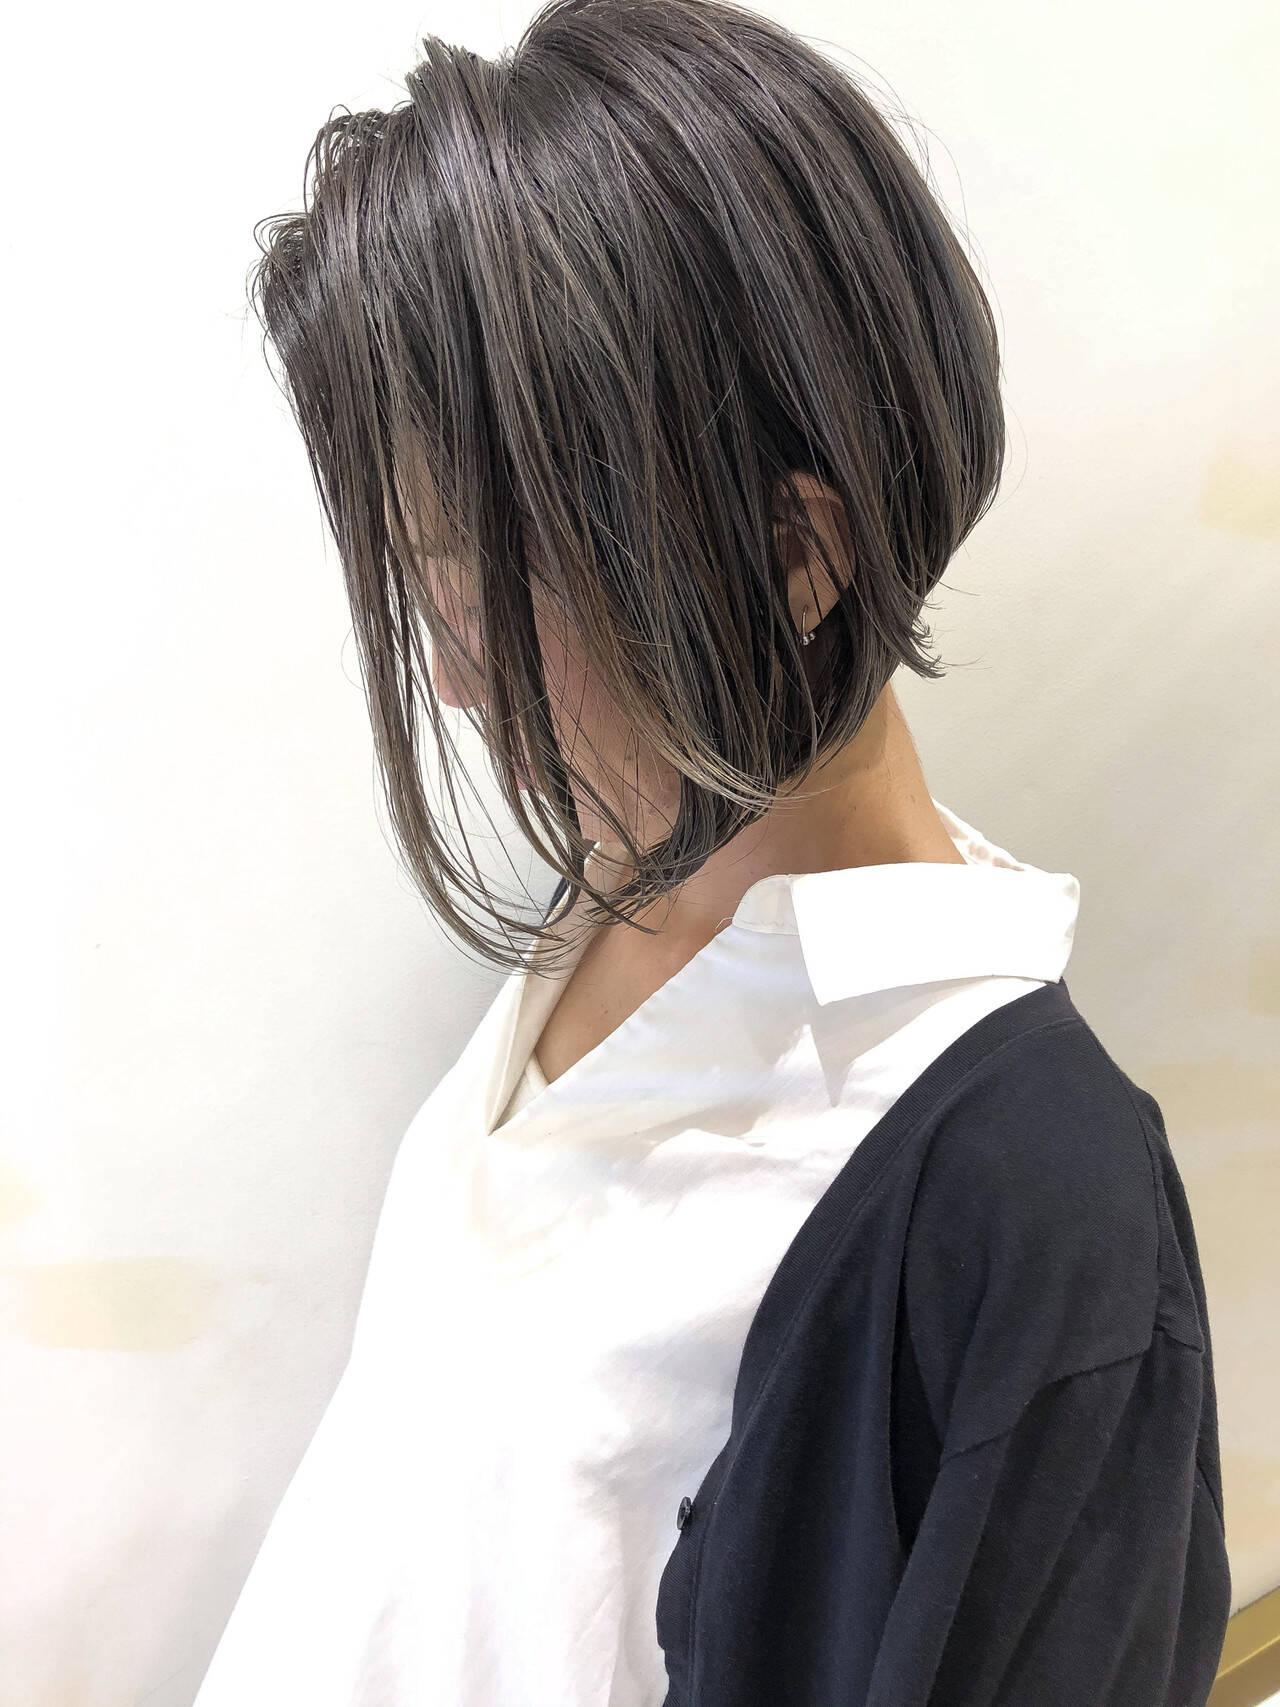 グレージュ ショートボブ バレイヤージュ ショートヘアスタイルや髪型の写真・画像